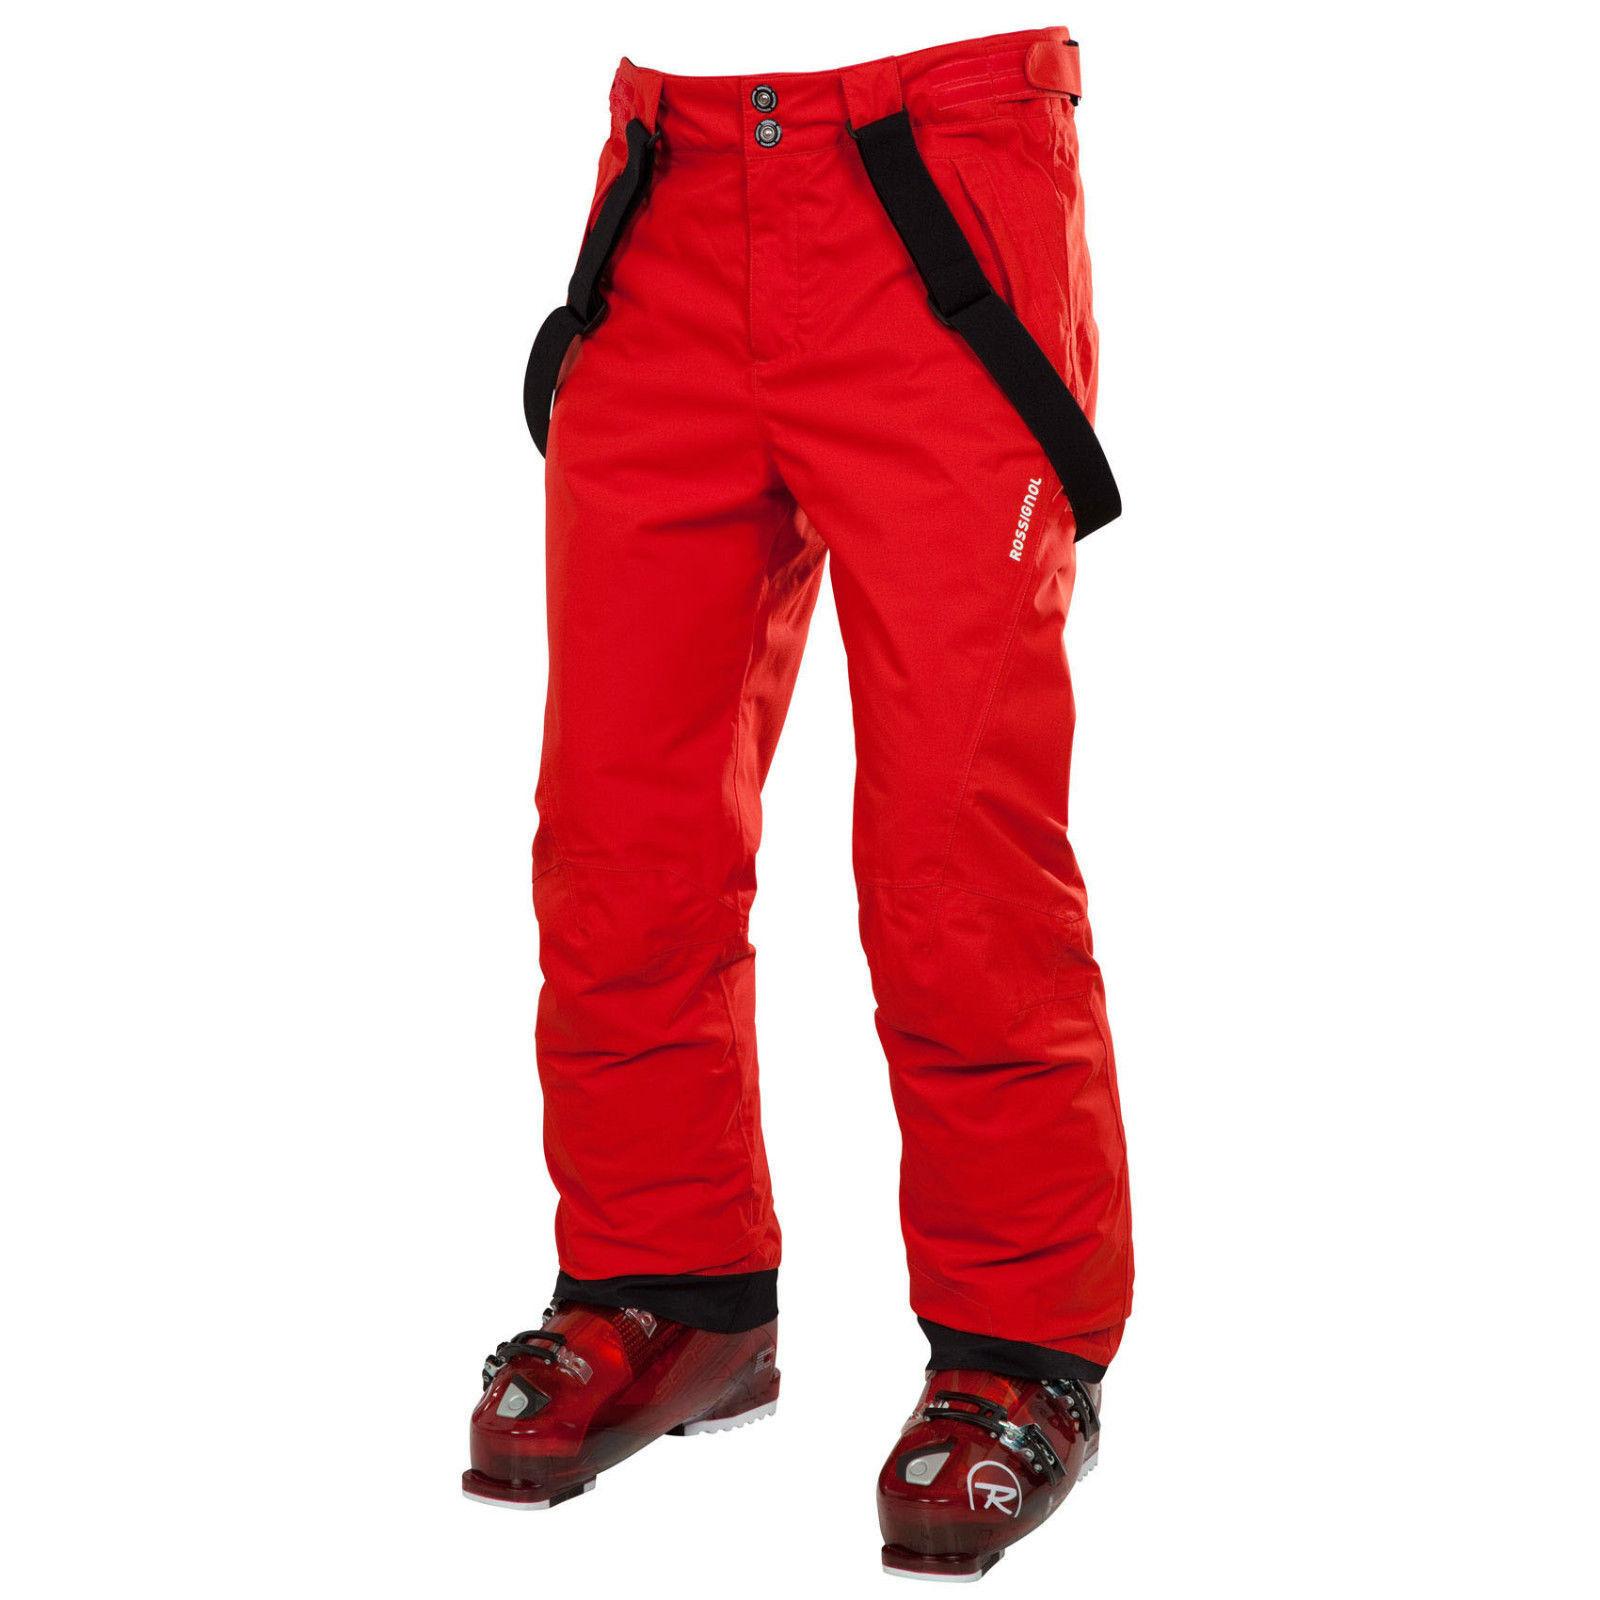 Rossignol Pursuit 10K Expert Trousers Mens Ski Snowboarding Salopettes Size XXXL